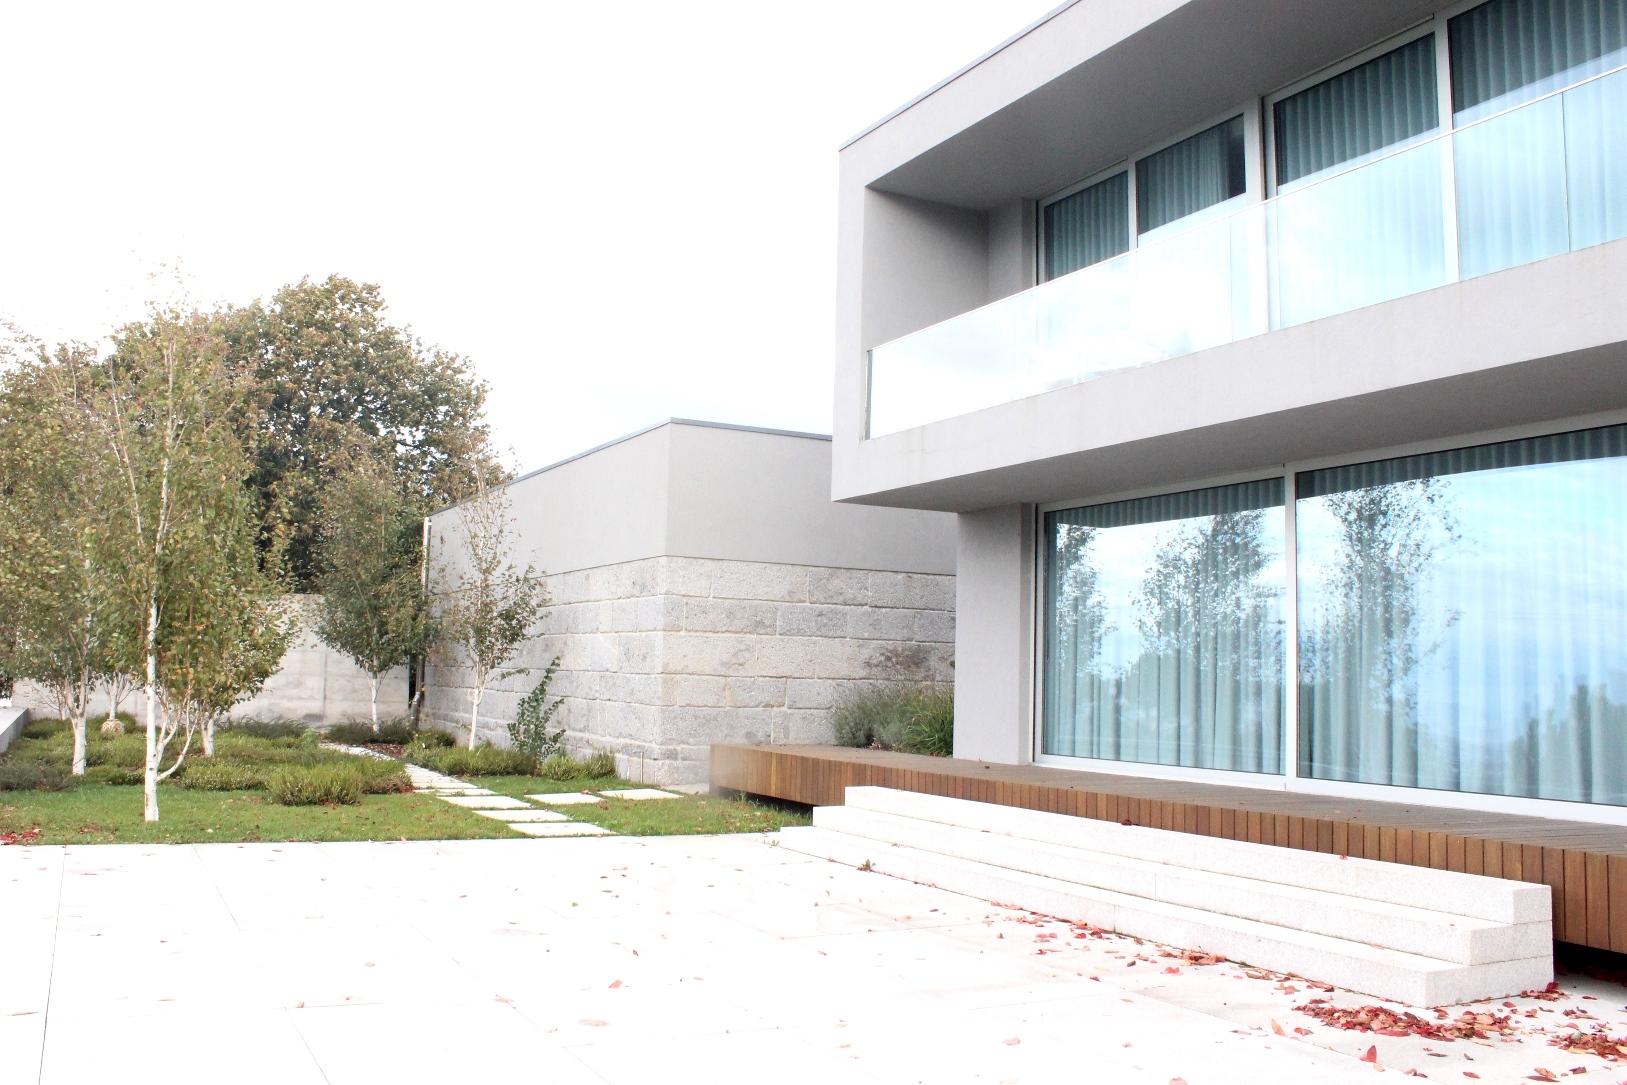 Jardim privado JS Private garden Sérgio Pinto Arquitetura Paisagista e Desenho Urbano Landscape Architecture & Urban Design